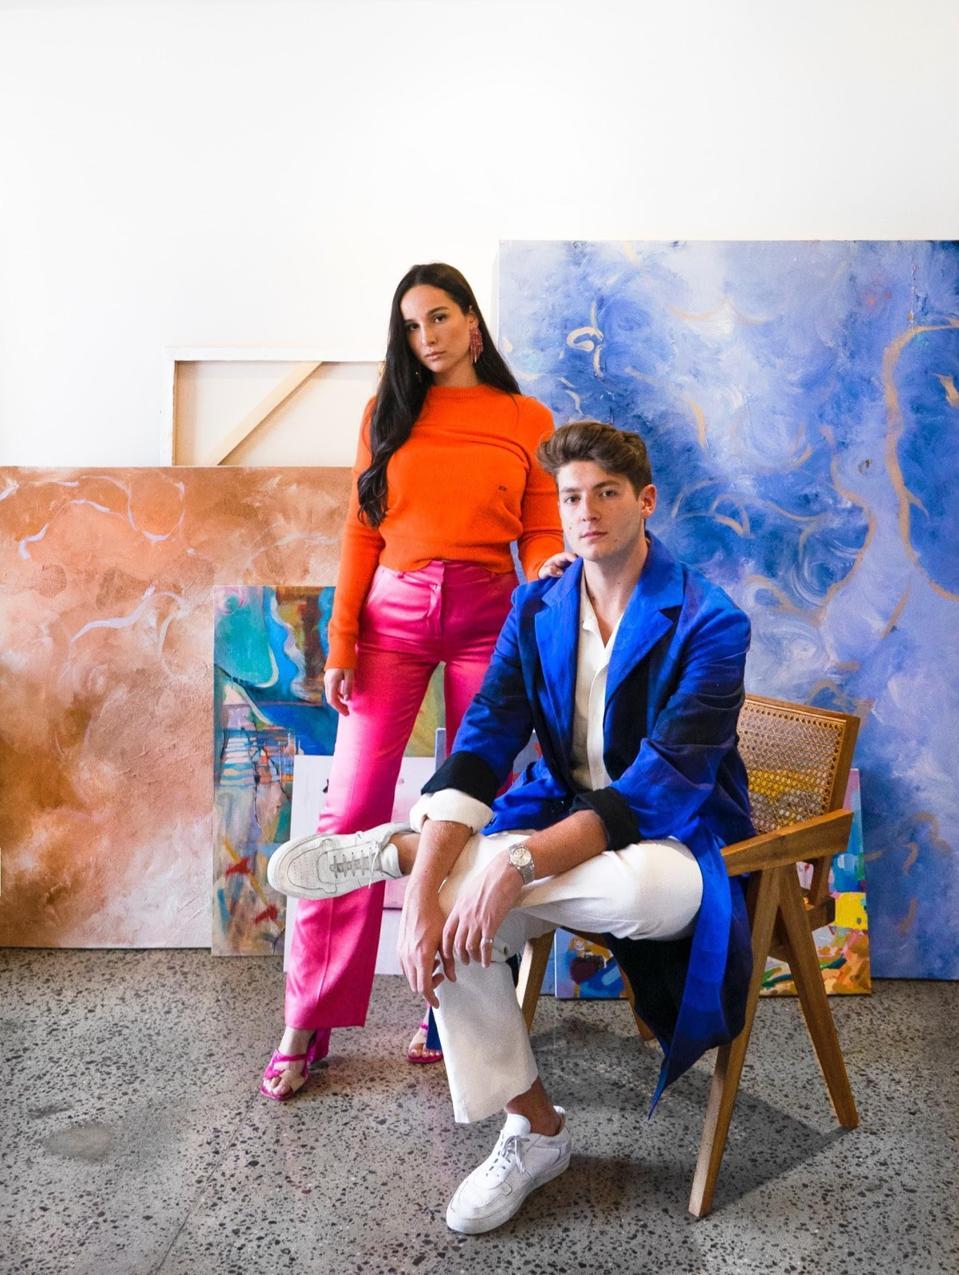 Grundlæggere af Medium Rare Art, Charles Royle og Samantha Ratiner, på deres kontor